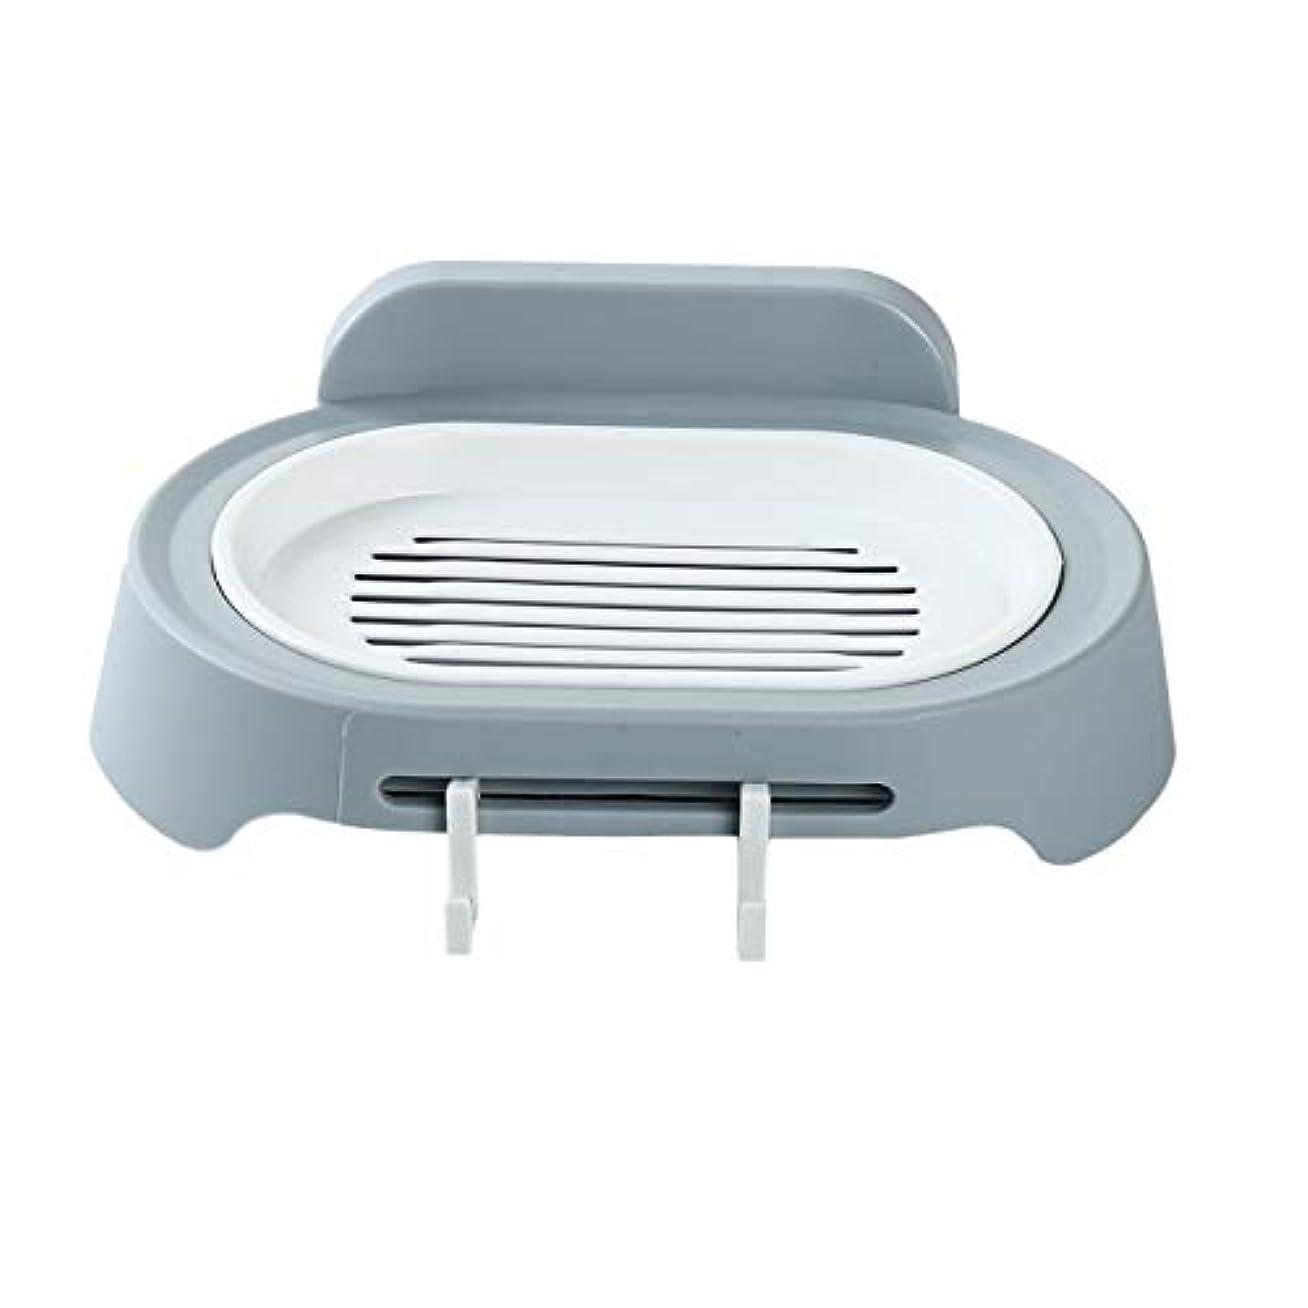 ケニア名誉研究ZALING 灰色のホックが付いているの浴室の石鹸の貯蔵の吸引の壁に取り付けられた石鹸のオルガナイザー